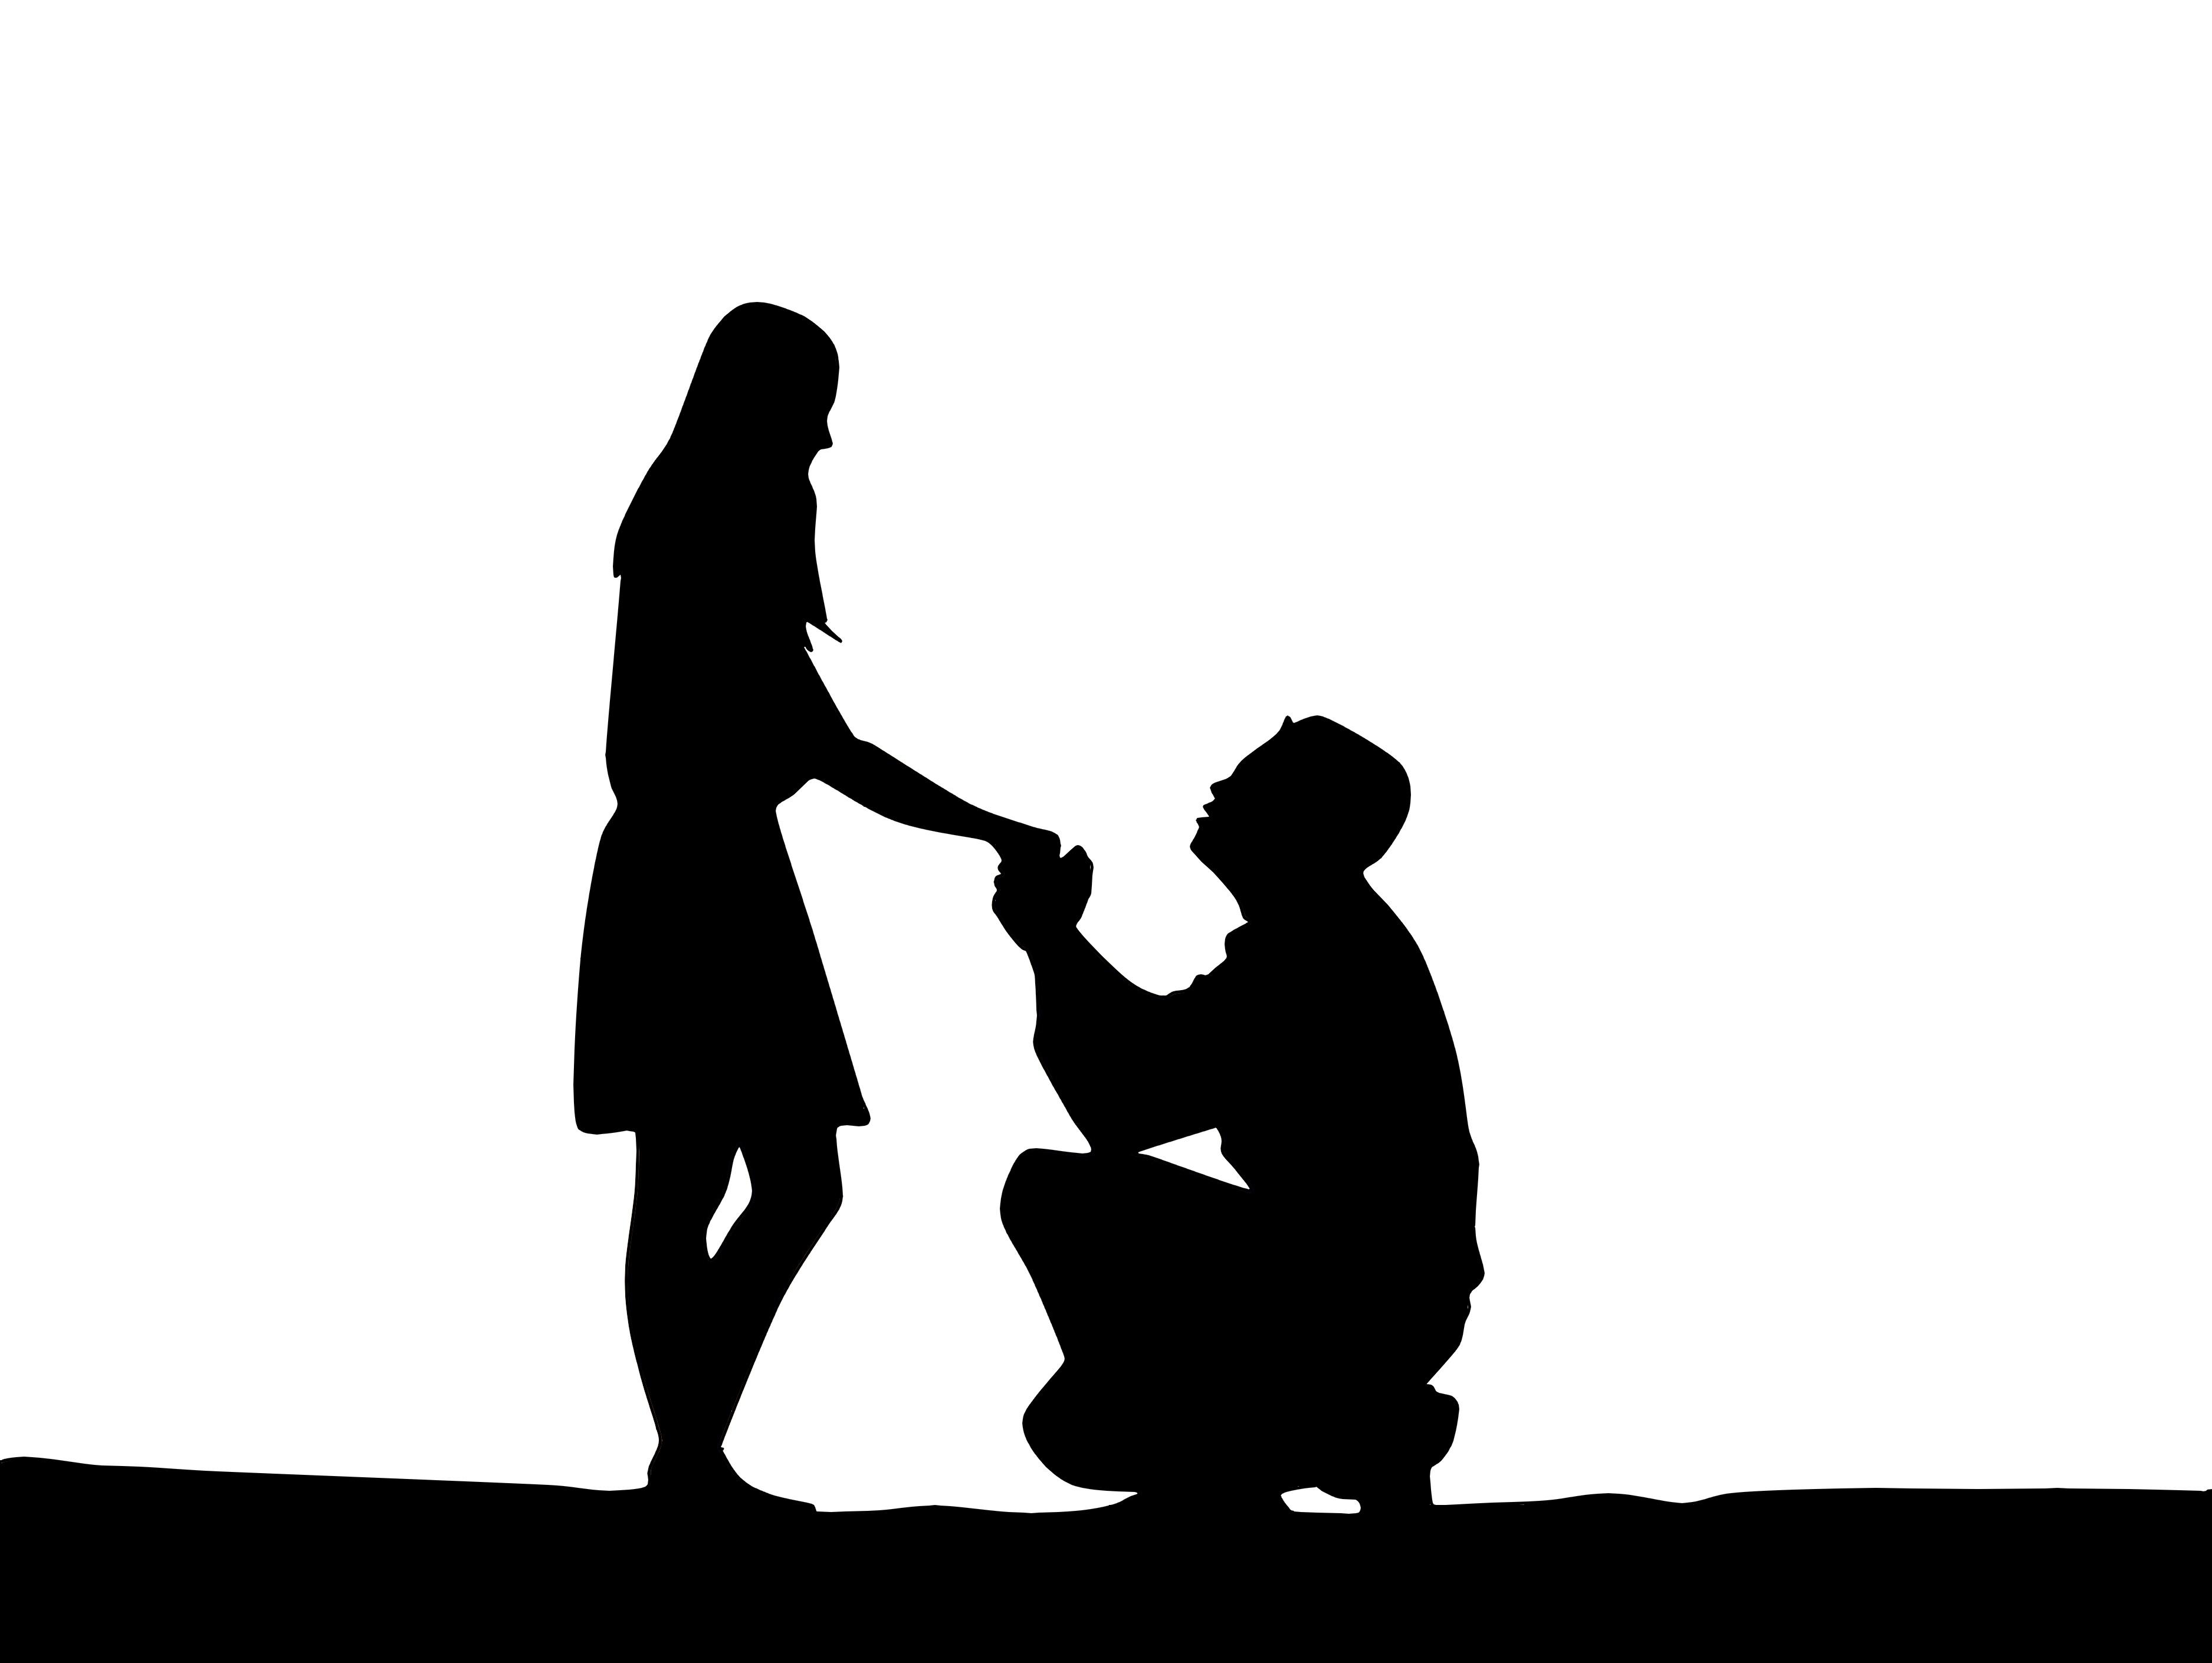 菩提寺での婚活のお手伝いに参りました。💞